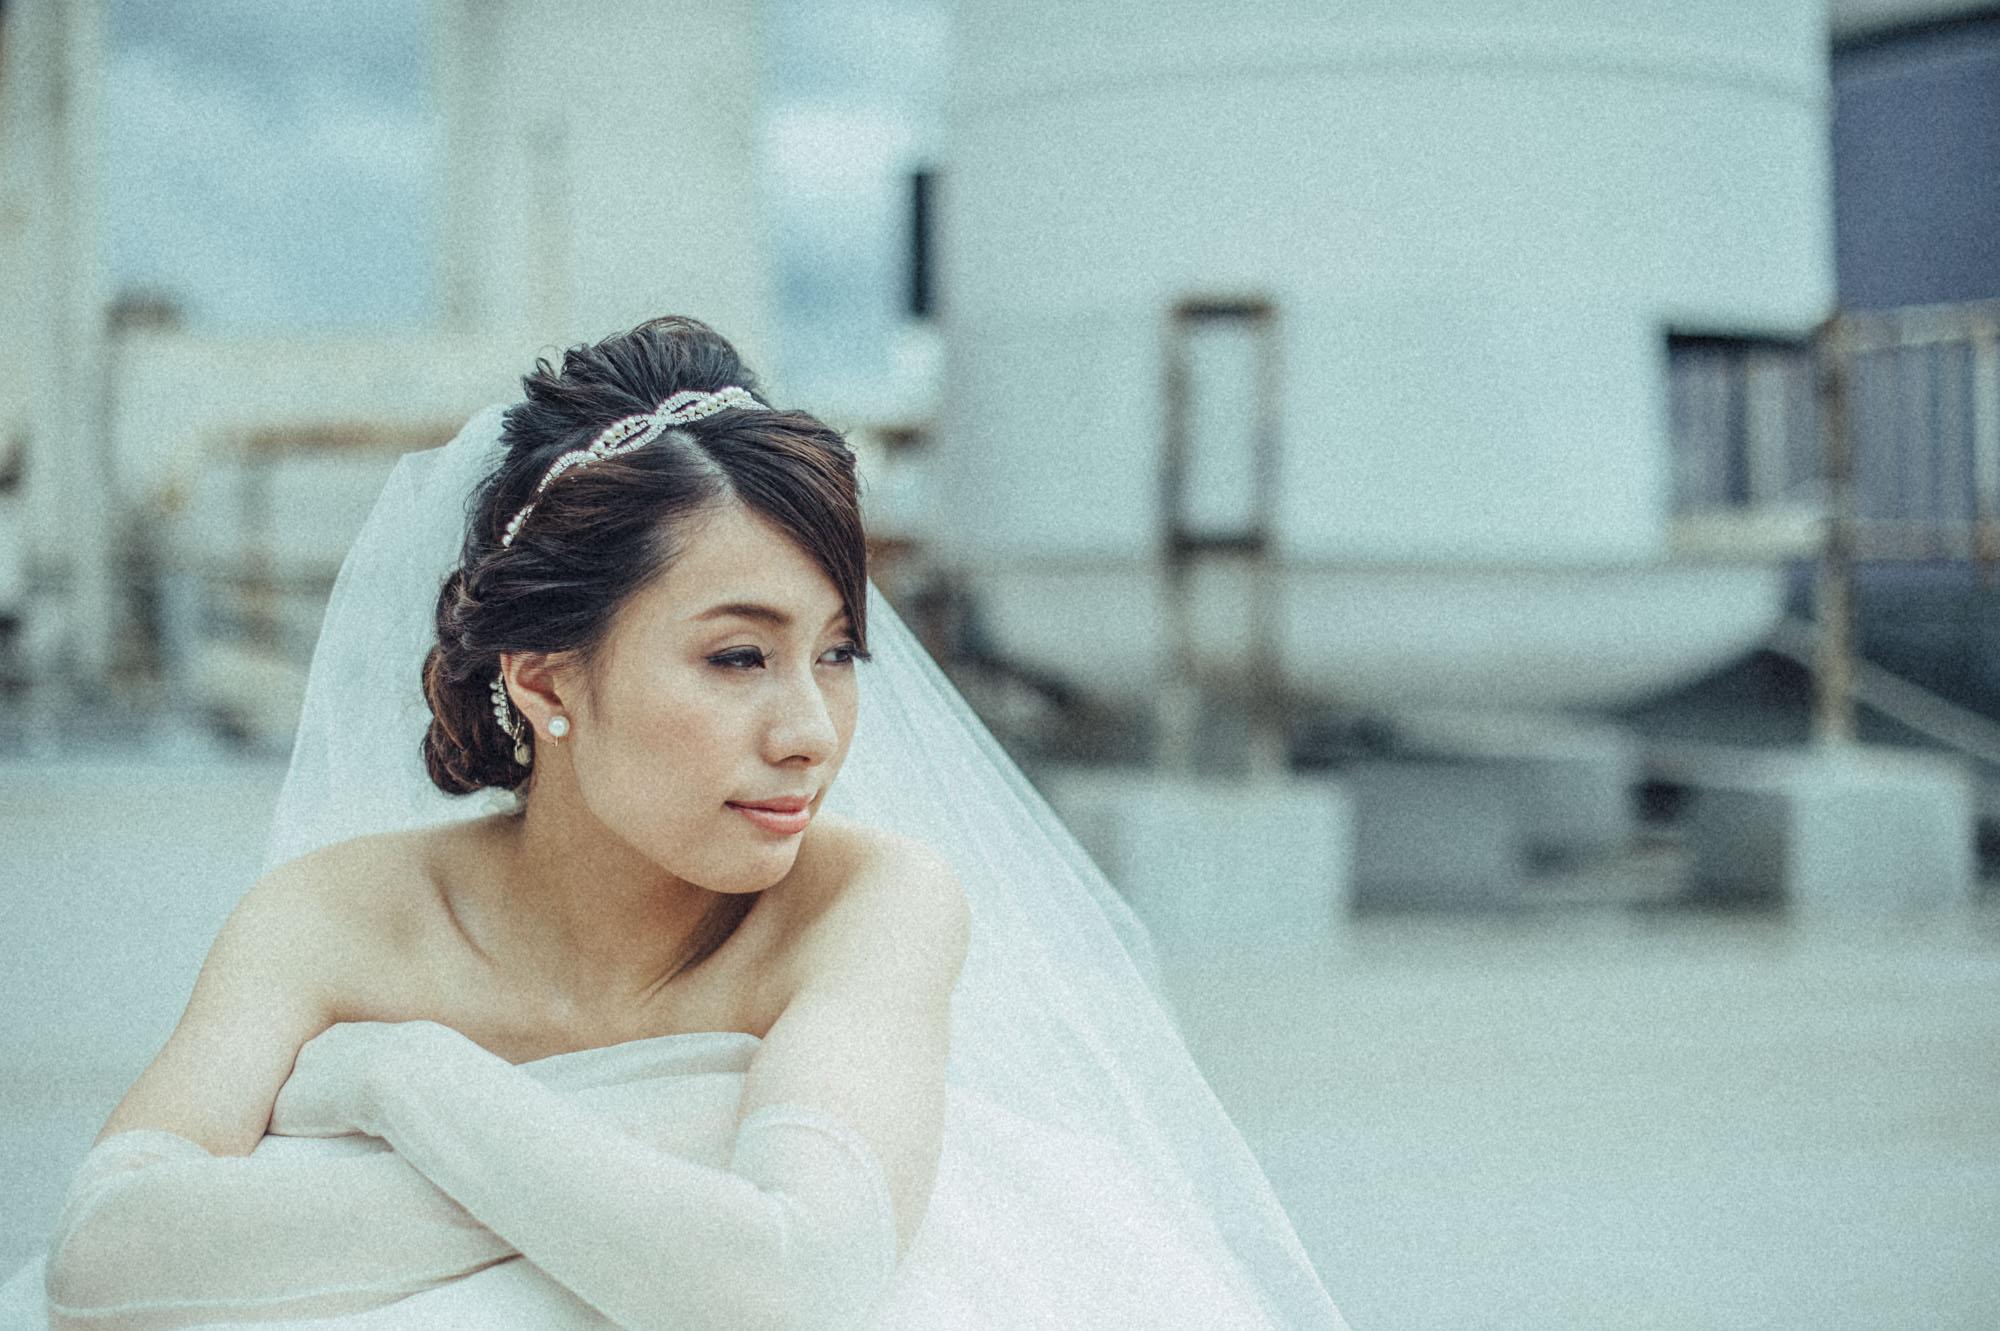 magritte-okayama91